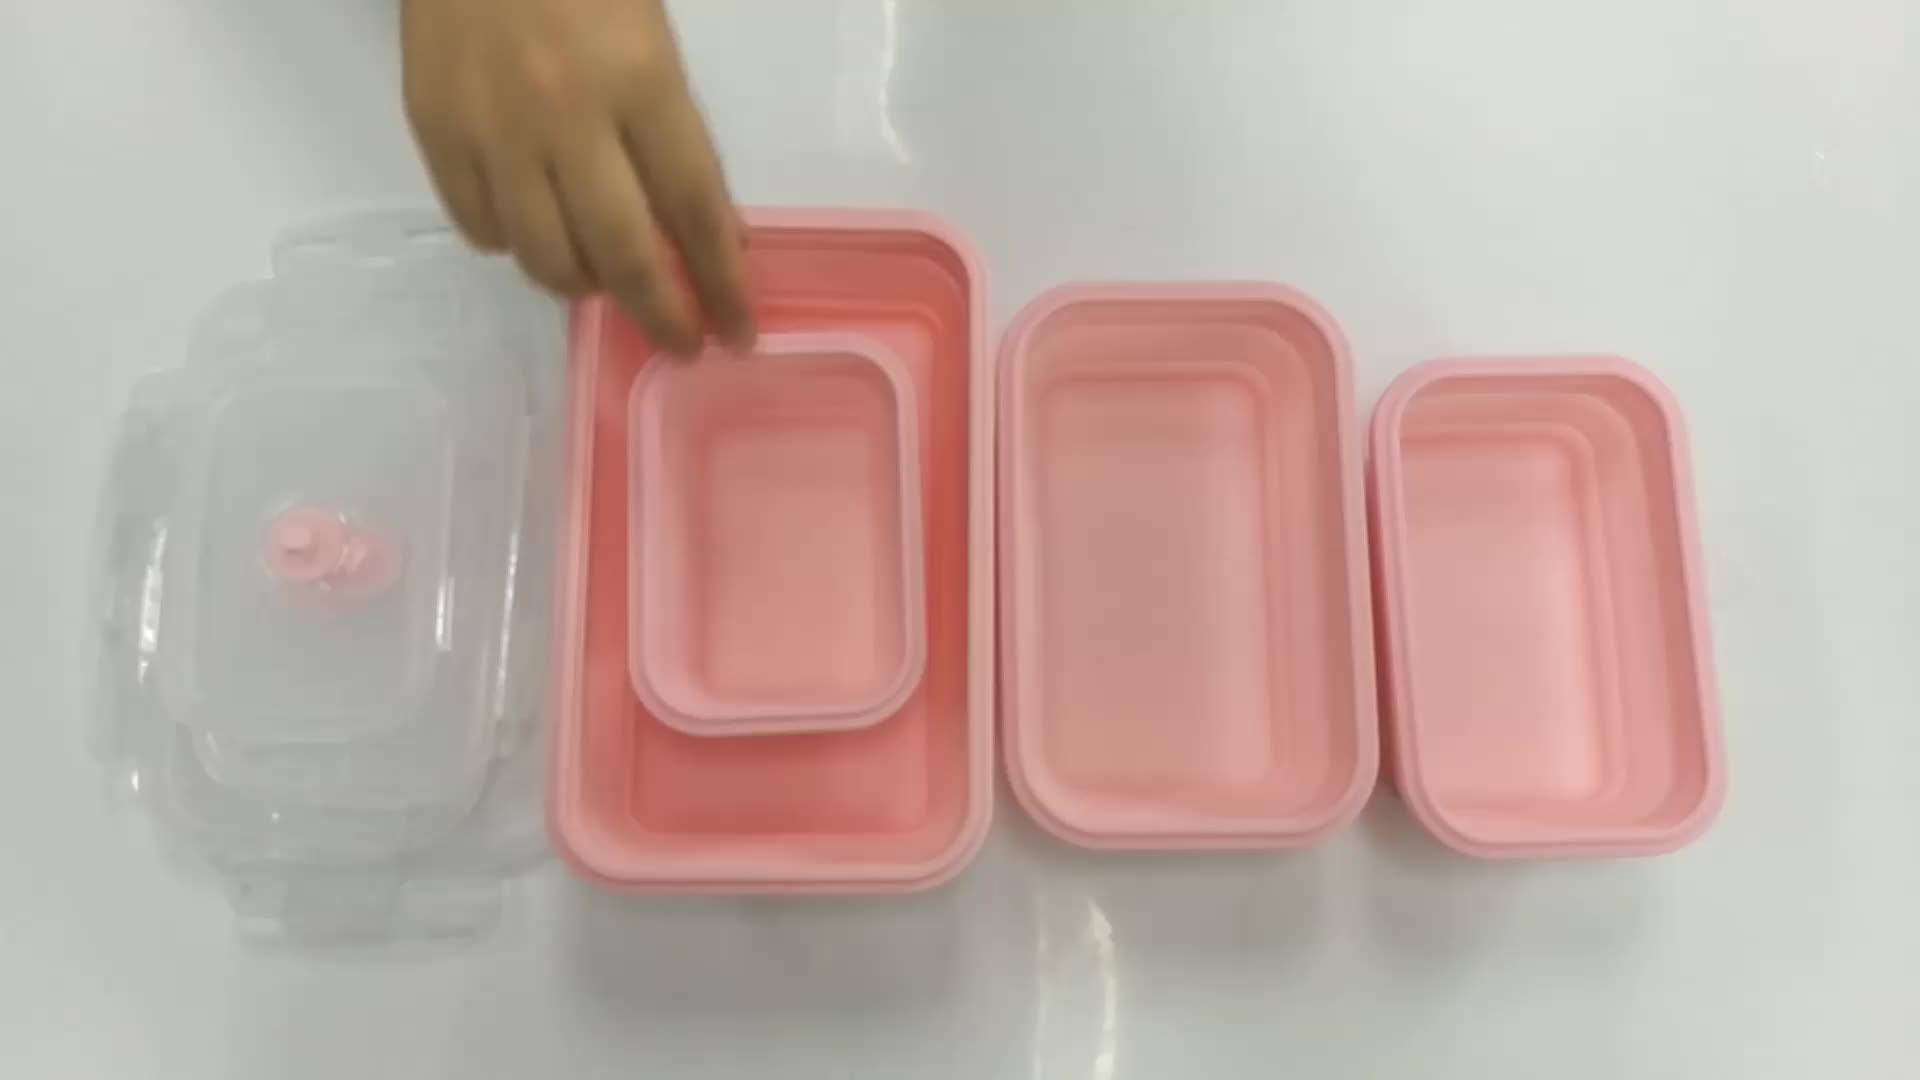 Rodada Caixas de Almoço de Bento Silicone para Cozinha ou Crianças